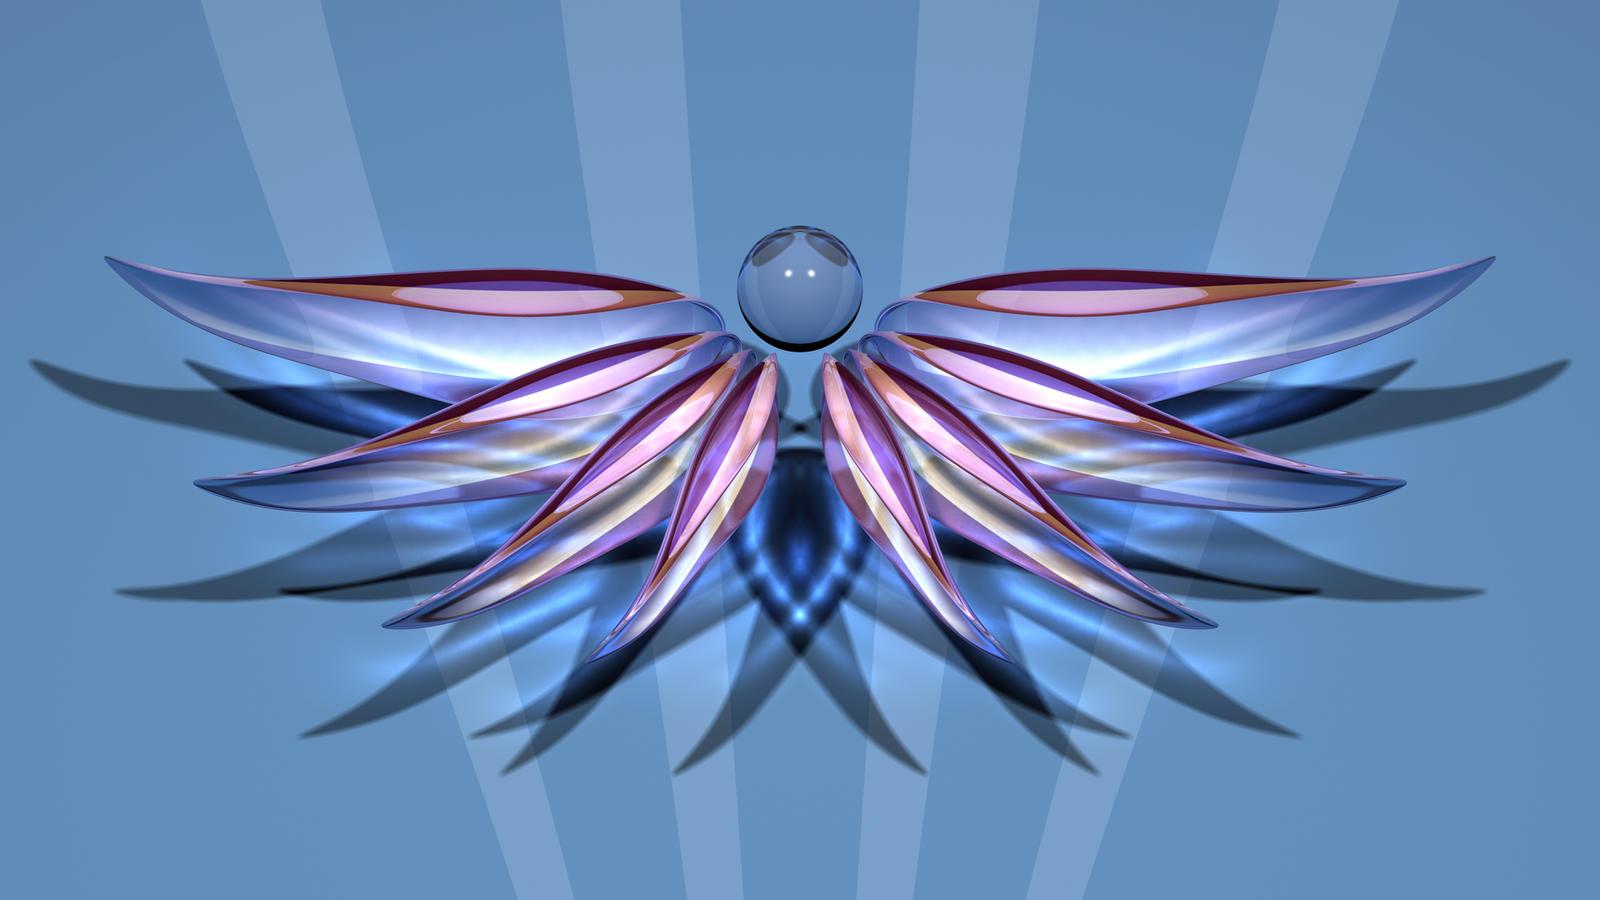 Wings of Glass by TylerXy